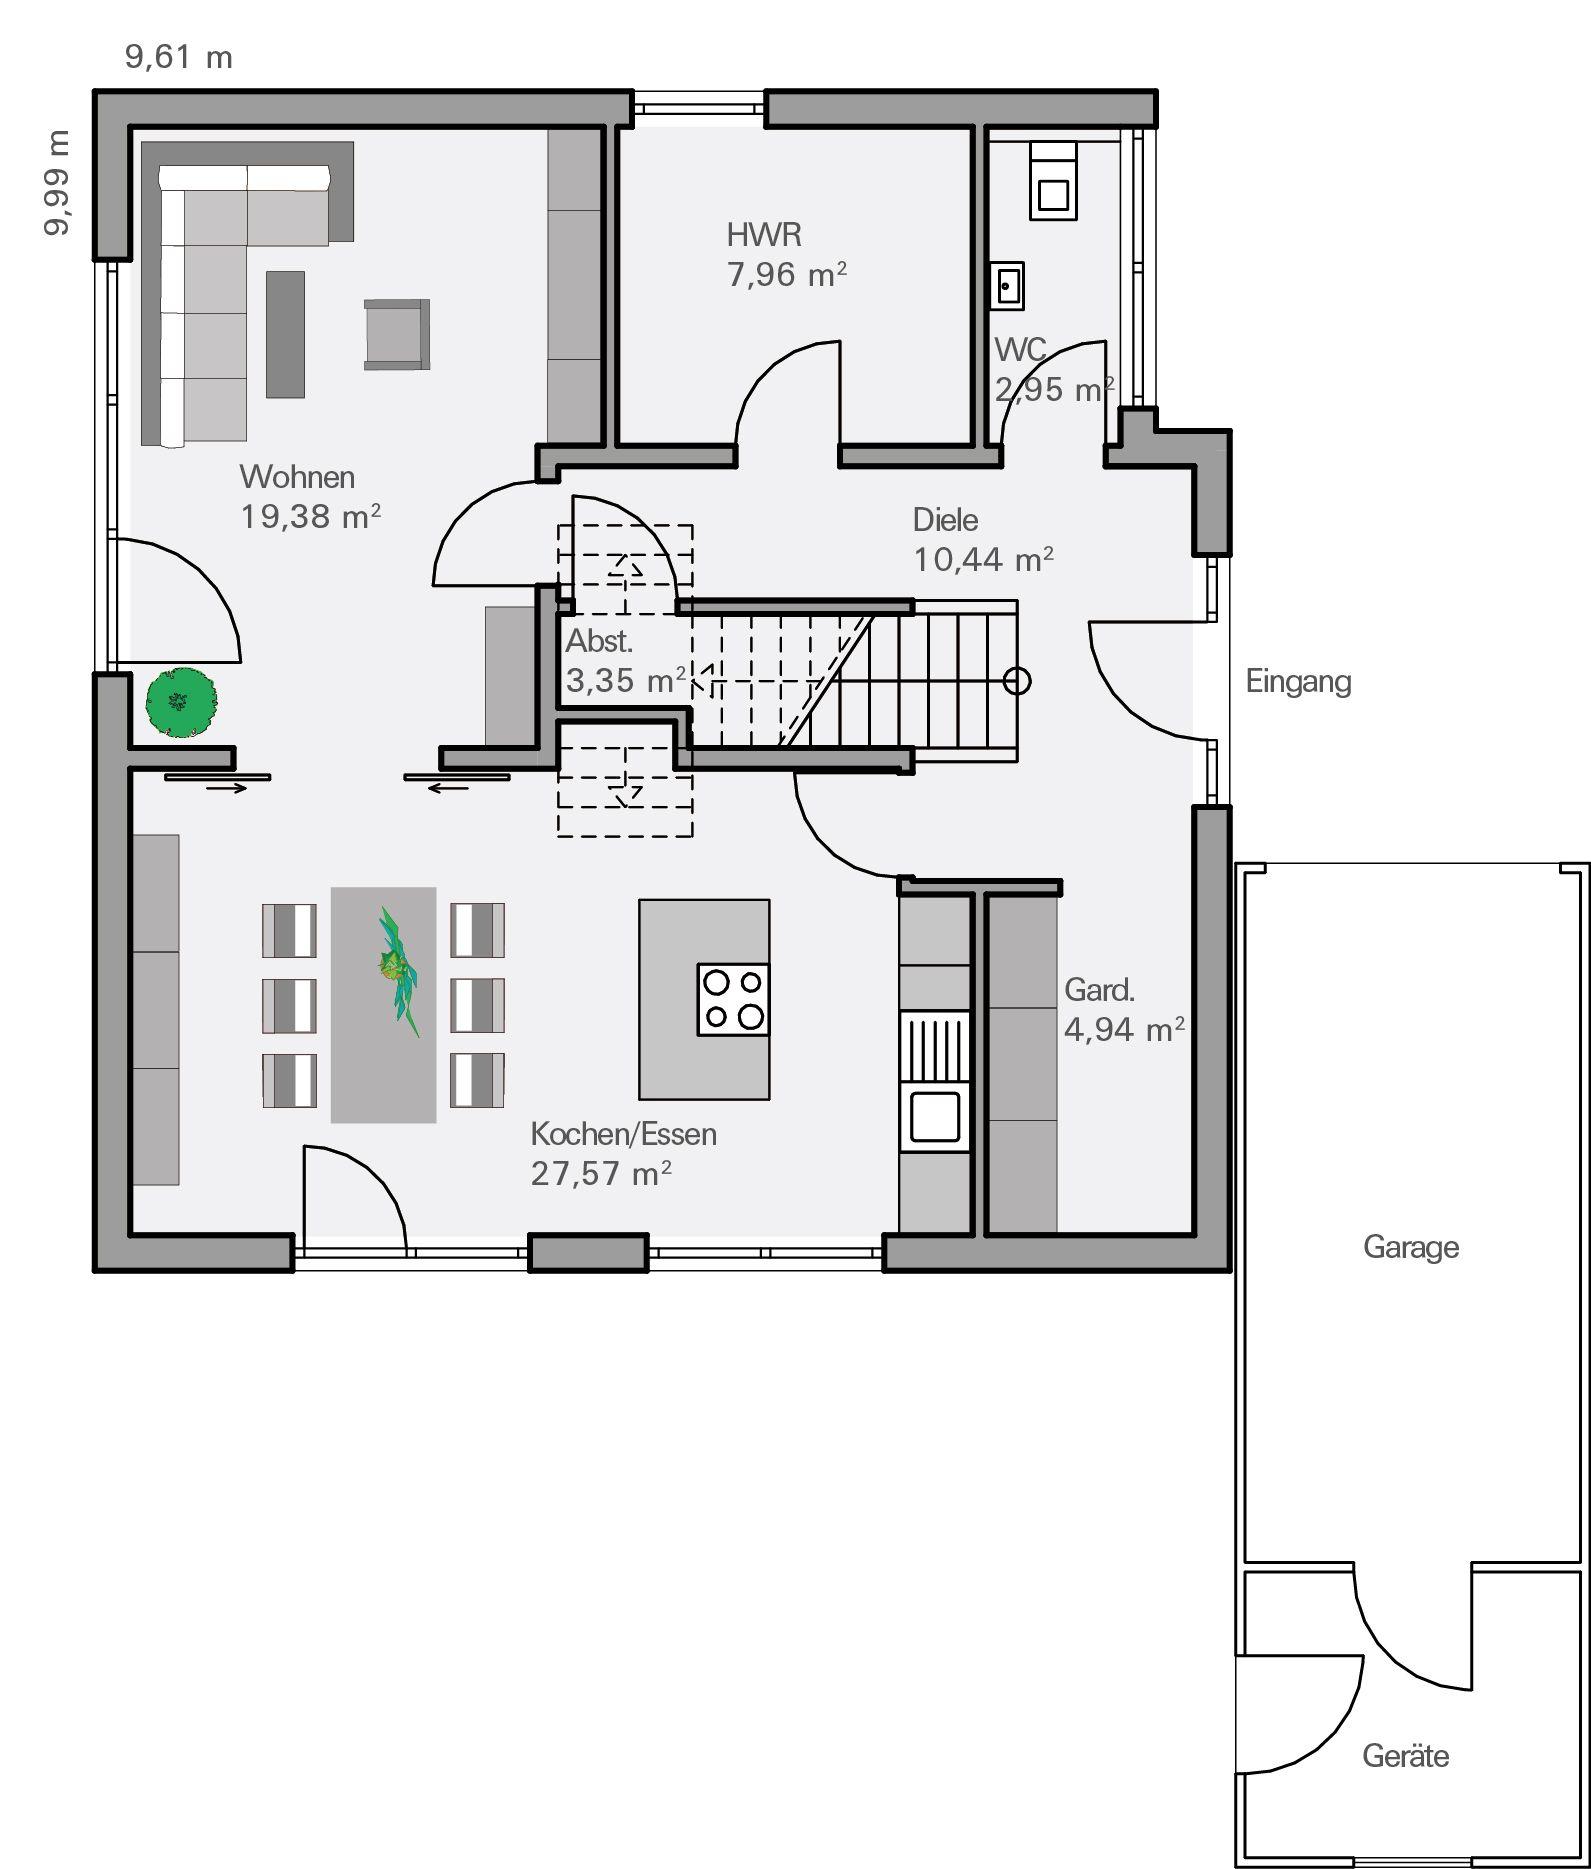 Grundriss einfamilienhaus 180 qm haus design und m bel ideen for Grundriss modernes einfamilienhaus